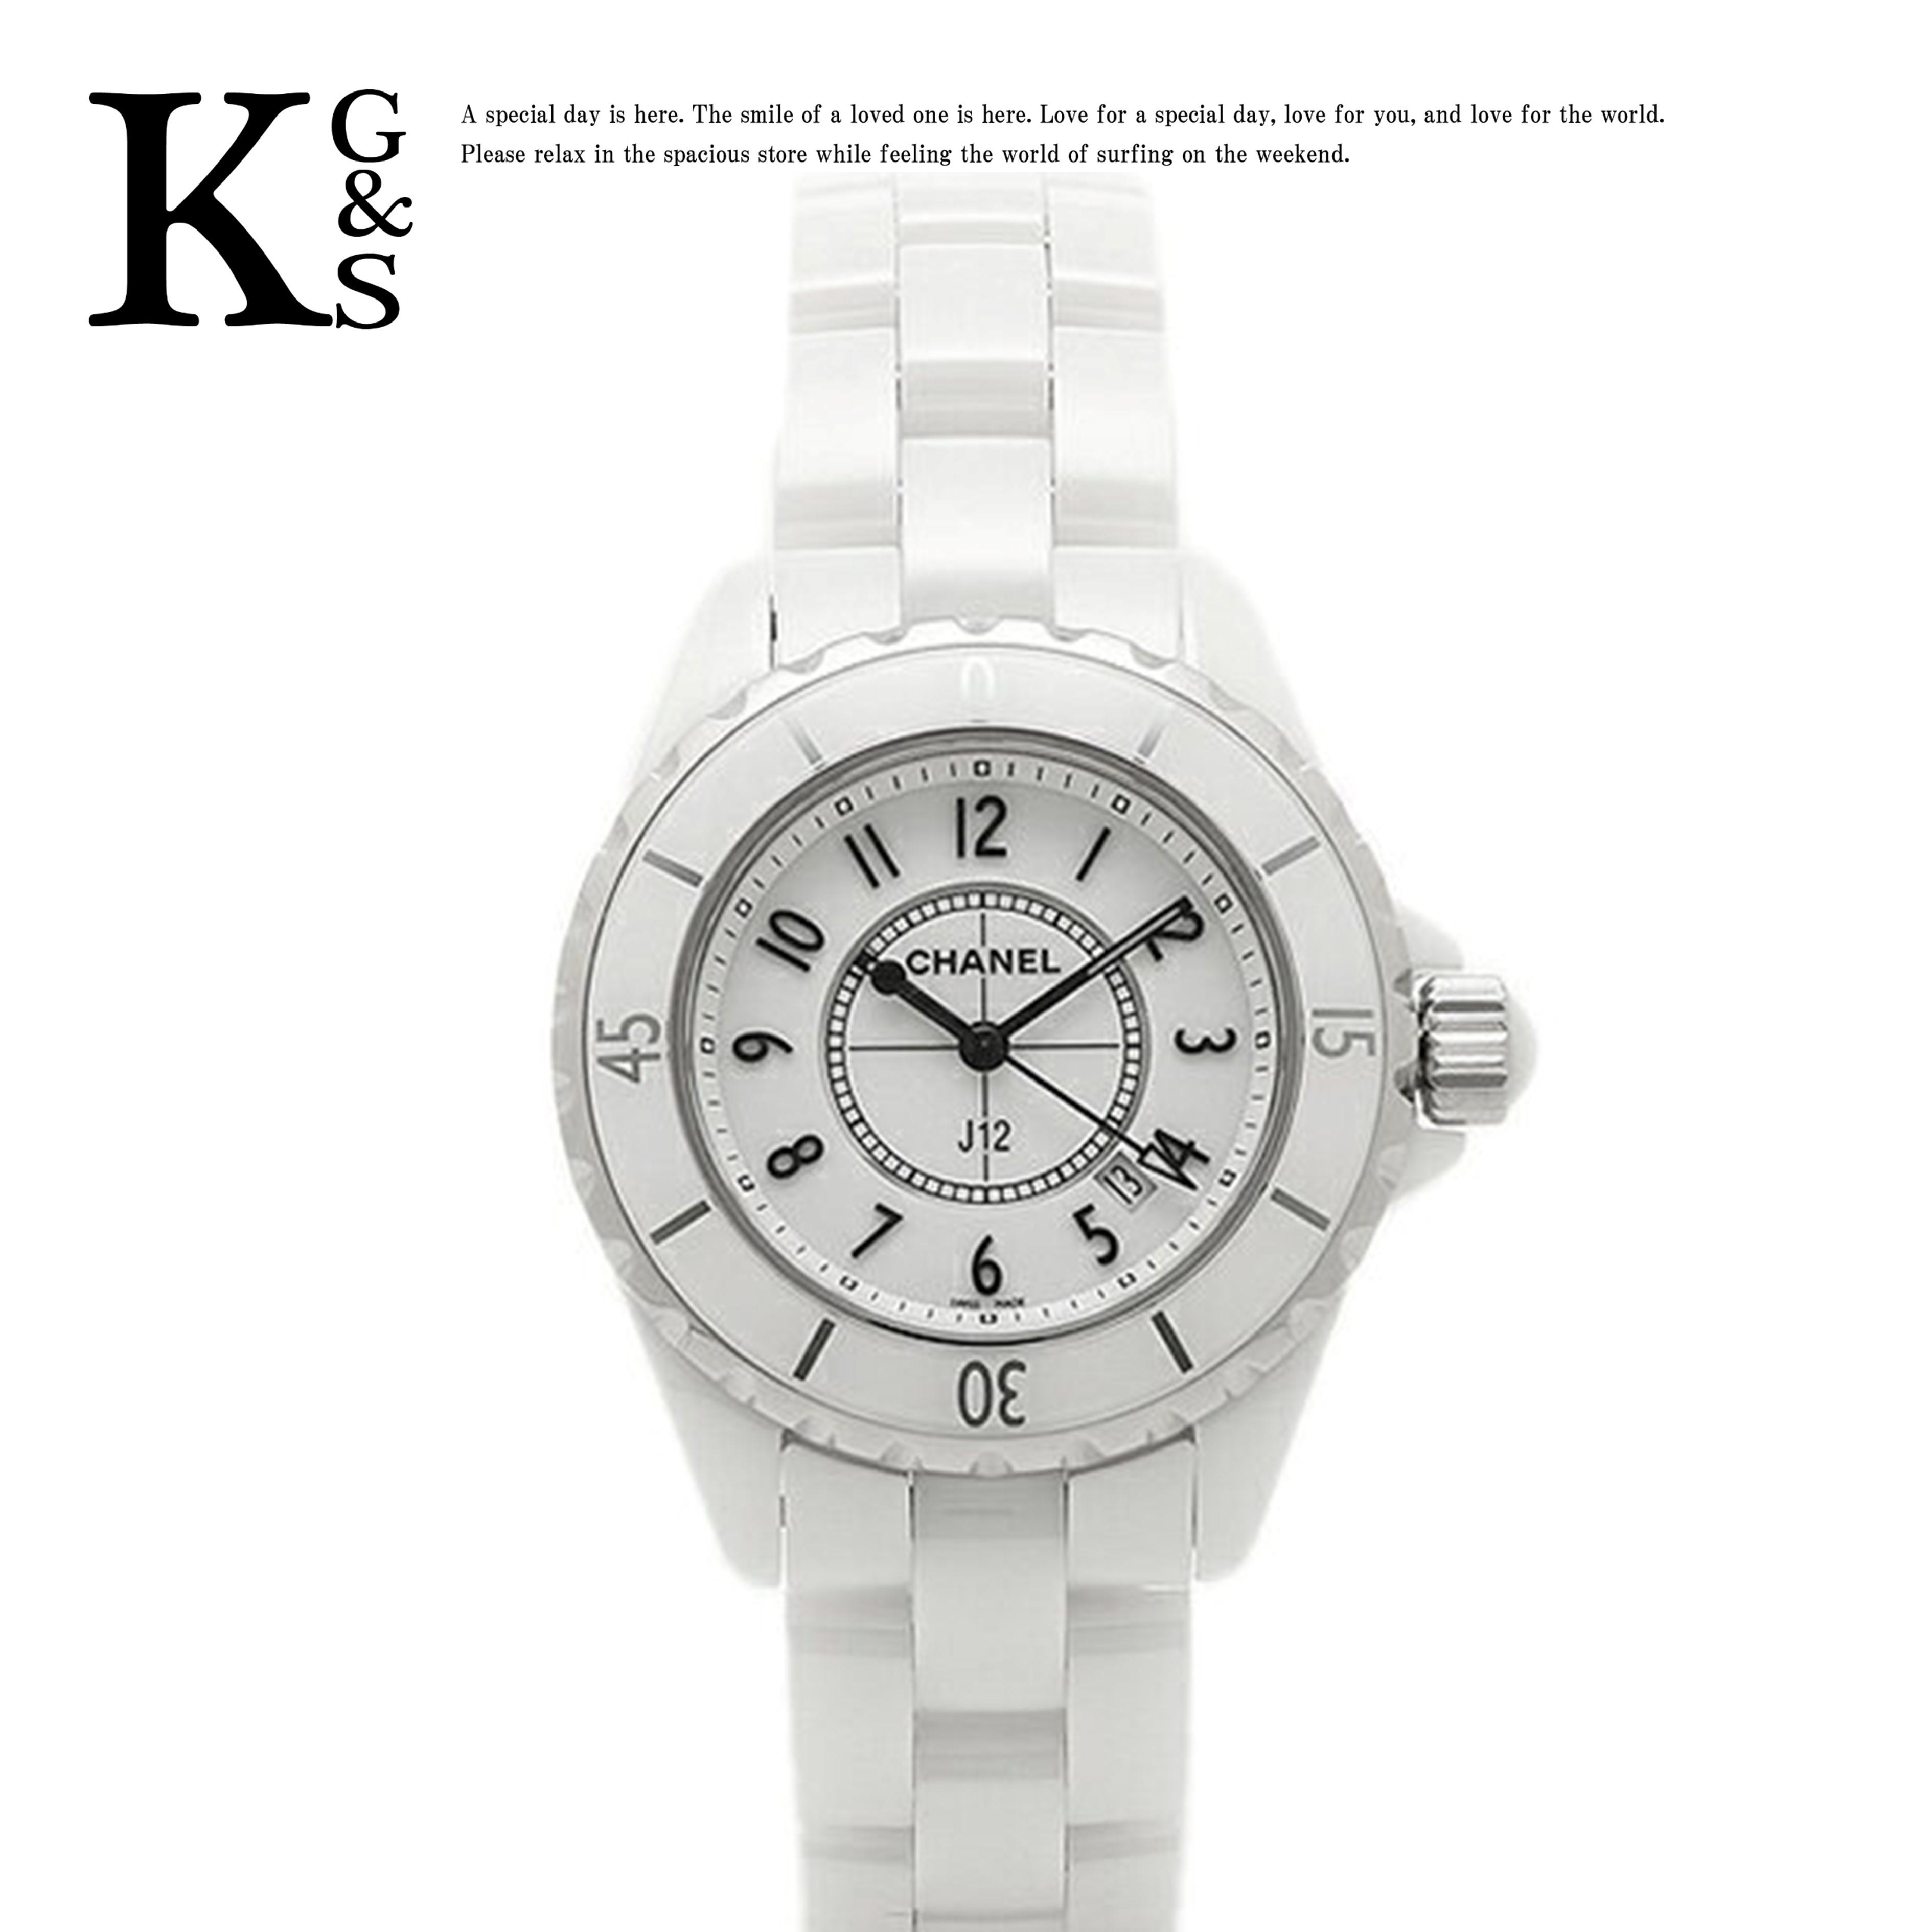 【ギフト品質】シャネル/CHANEL レディース J12 33mm 腕時計 ホワイト セラミック クオーツ H0968